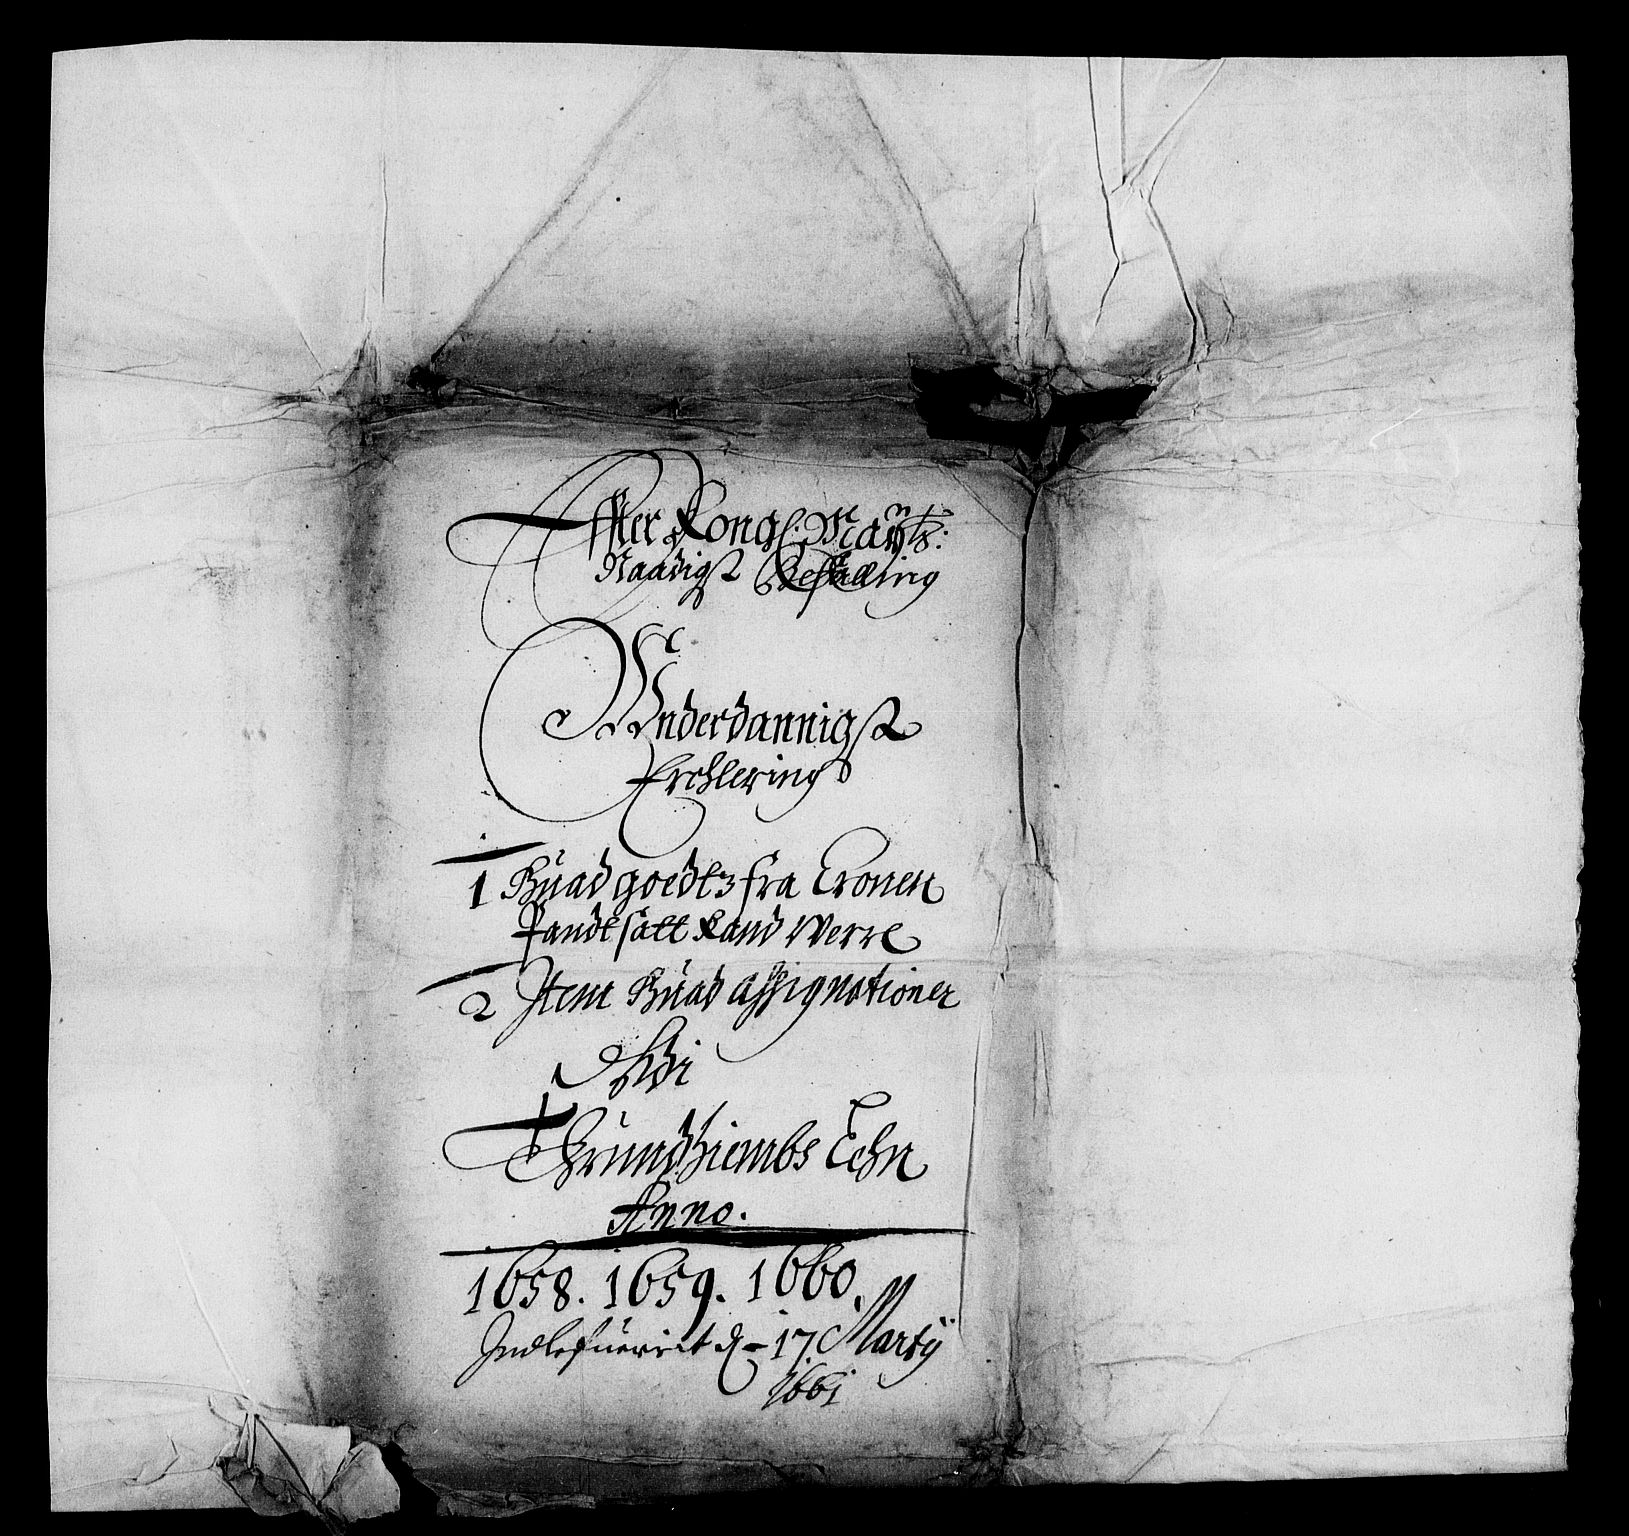 RA, Rentekammeret inntil 1814, Realistisk ordnet avdeling, On/L0012: [Jj 13]: Regnskap for salg av pantsatt krongods i Bergen og Trondheim stift 1662-1663, panteskjøter 1629-1660. Dokumenter vedr. Bakke og Rein kloster (-1672), Marselis gods (1658-1660). Fortegnelse over pantsatt gods i Christiania lagdømme 1658-1660. Pant, 1658-1660, s. 2